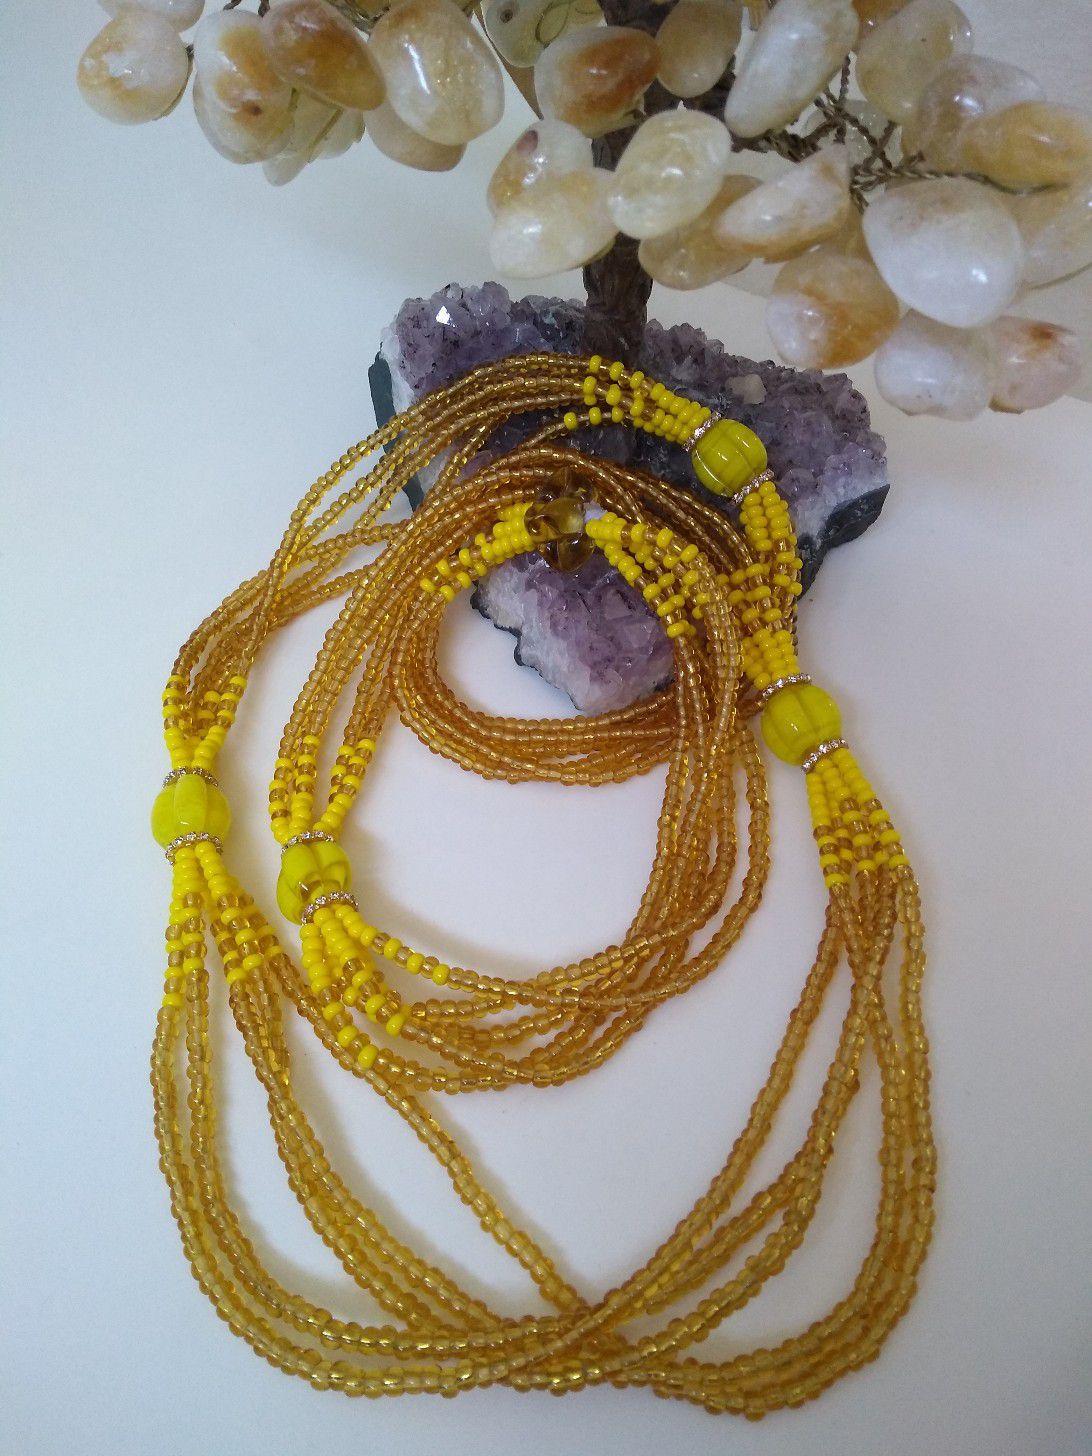 Braja de Oxum com 5 fio e strass dourado - miçanga importada